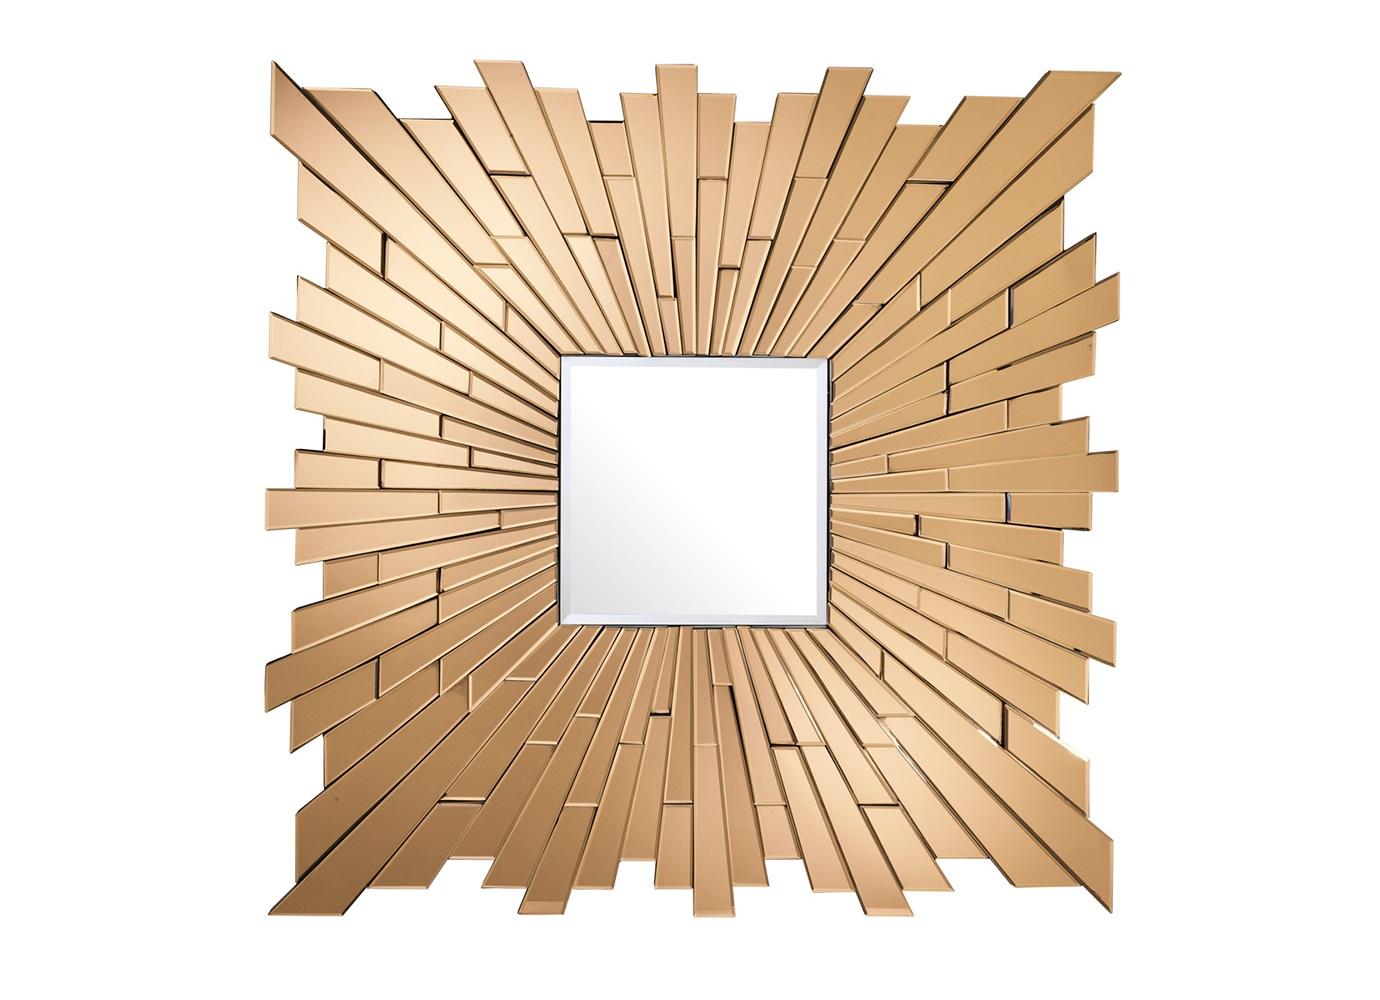 ЗеркалоНастенные зеркала<br>Зеркало Mirror Moonriver с оригинальным дизайном. Рамка состоит из зеркальных граней янтарного цвета.<br><br>Material: Стекло<br>Ширина см: 120.0<br>Высота см: 120.0